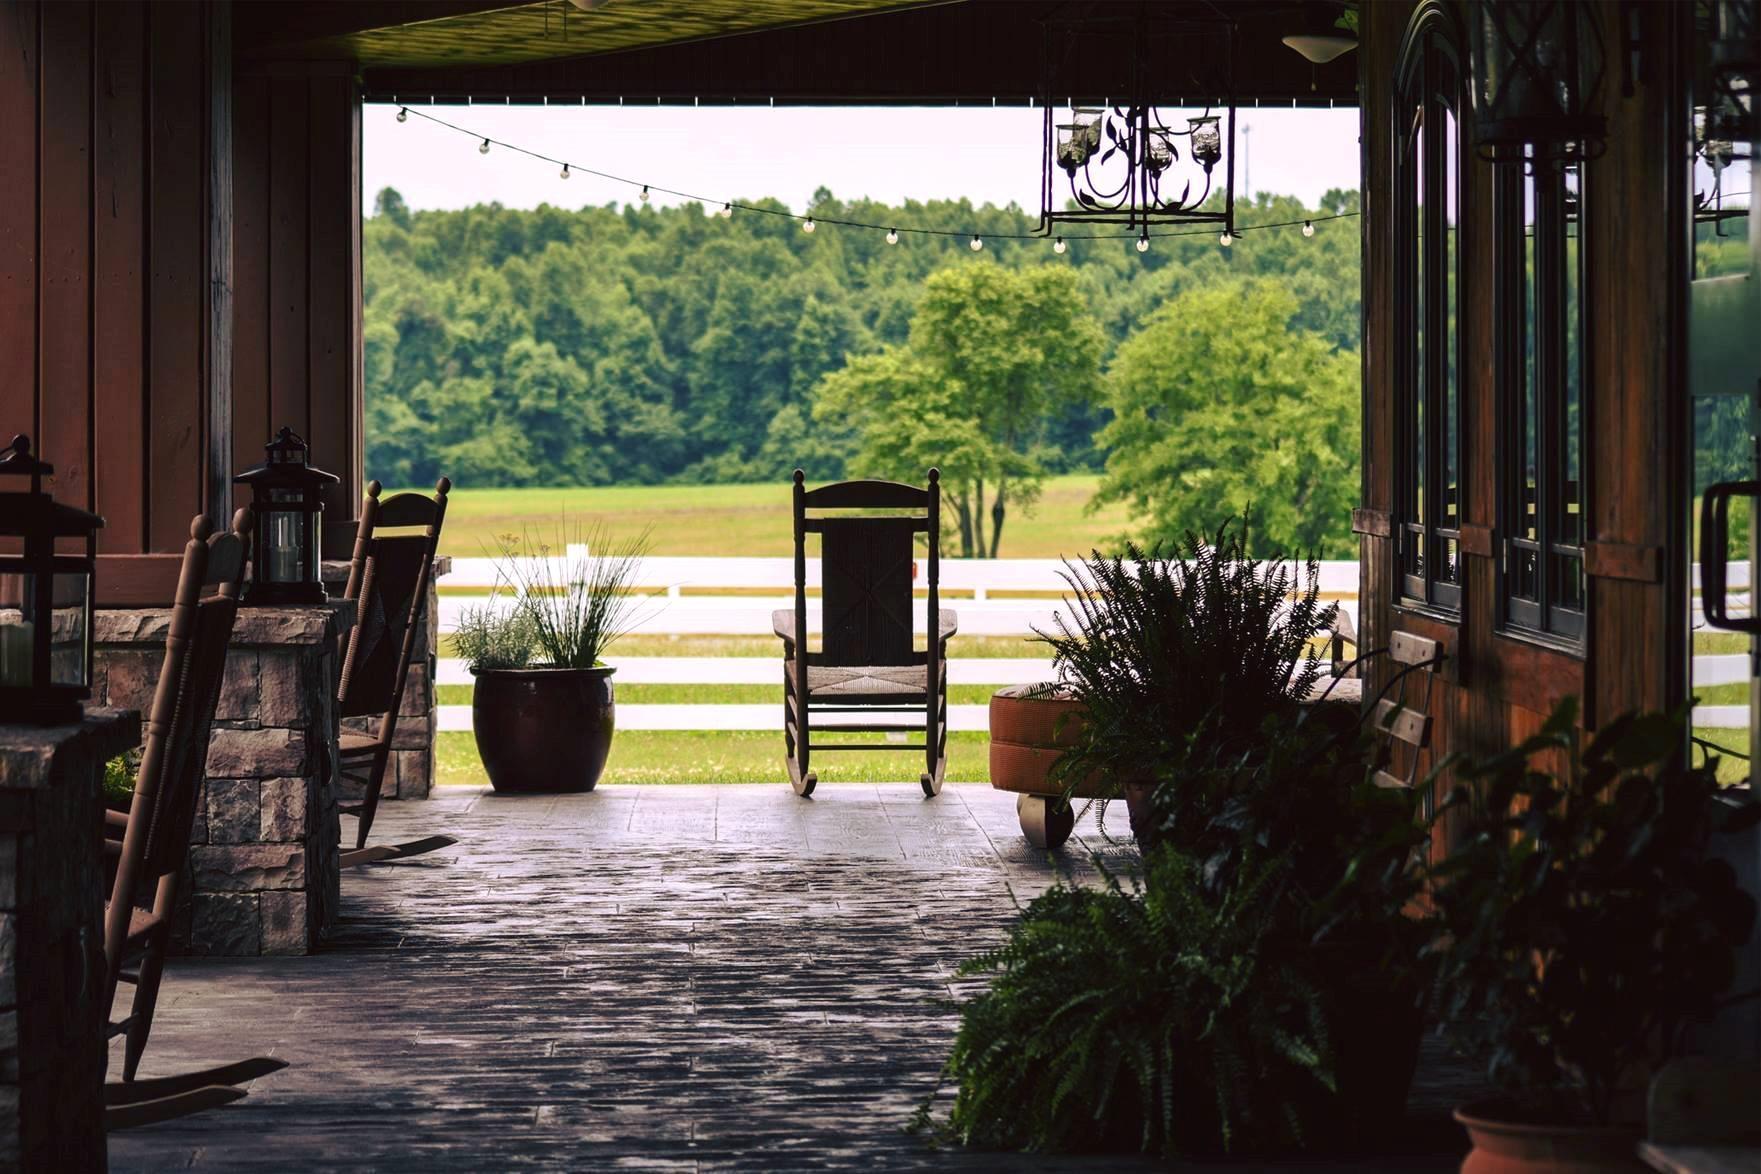 Adaumont Farm - 2